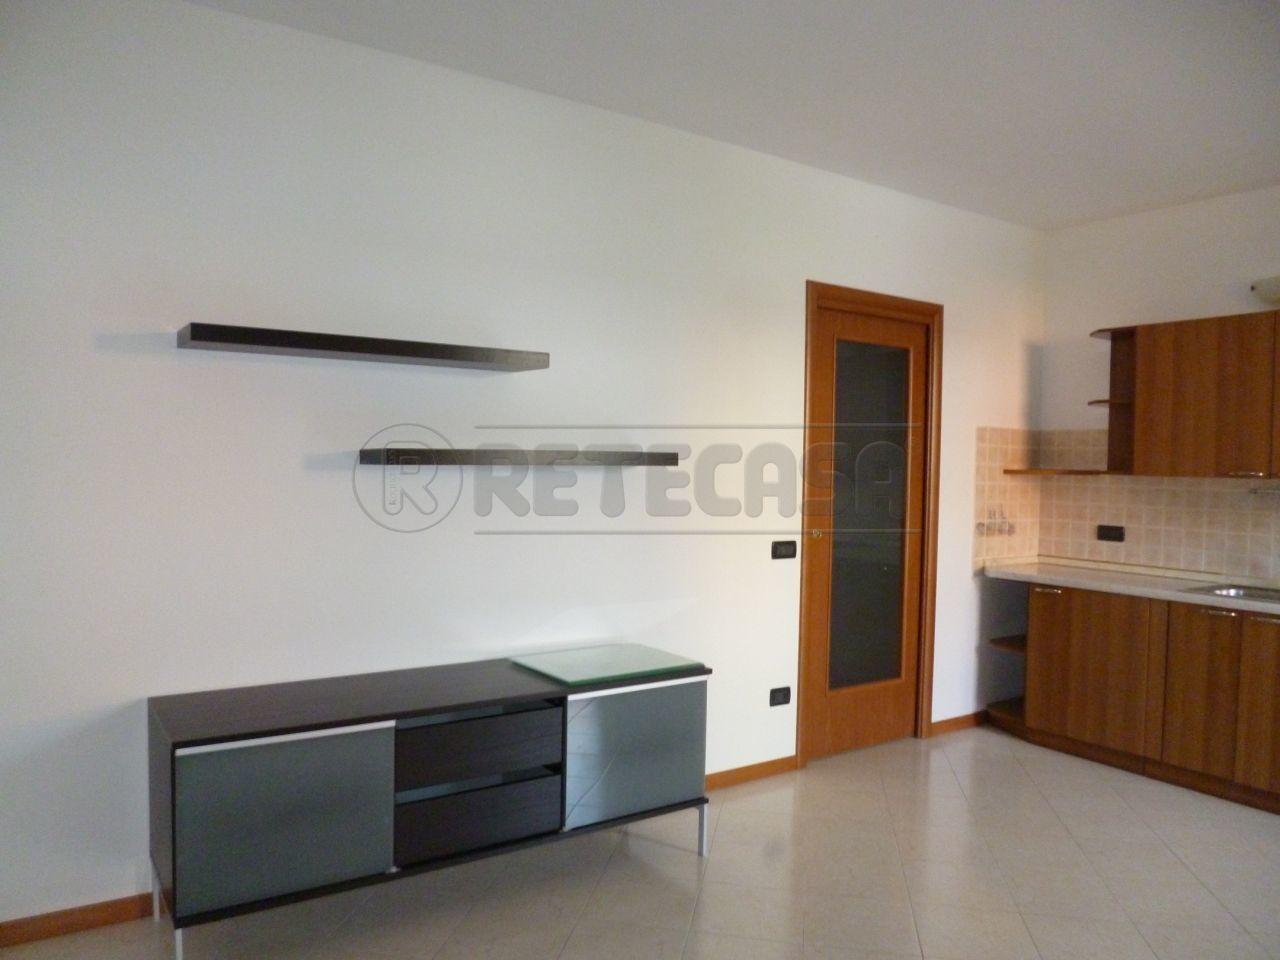 Appartamento in affitto a Montebello Vicentino, 2 locali, prezzo € 450 | Cambio Casa.it